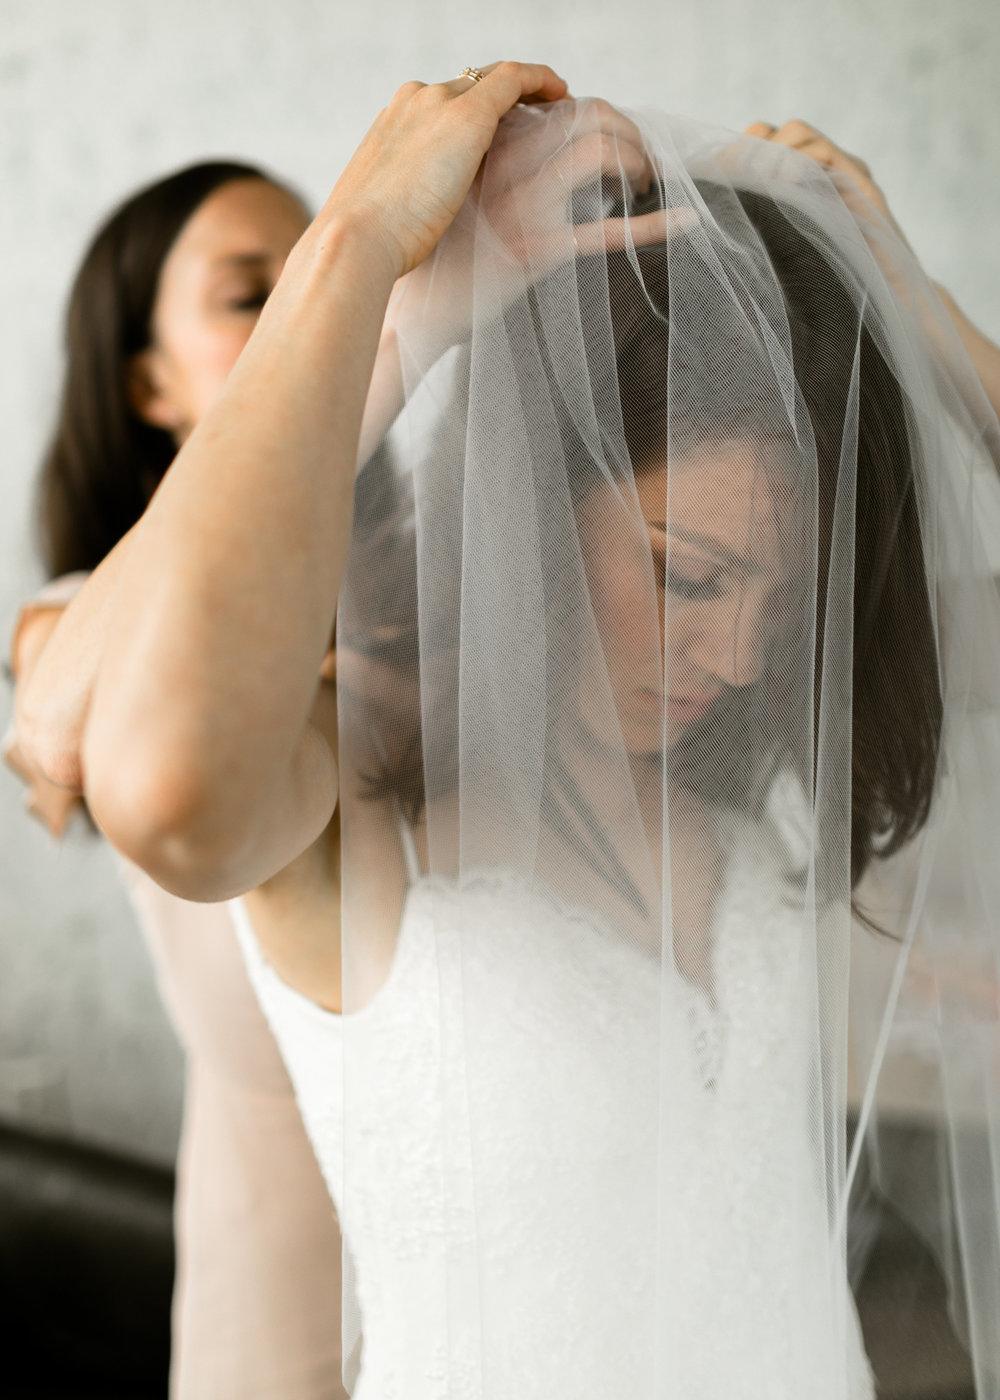 rebeccaagustinwedding-197.jpg